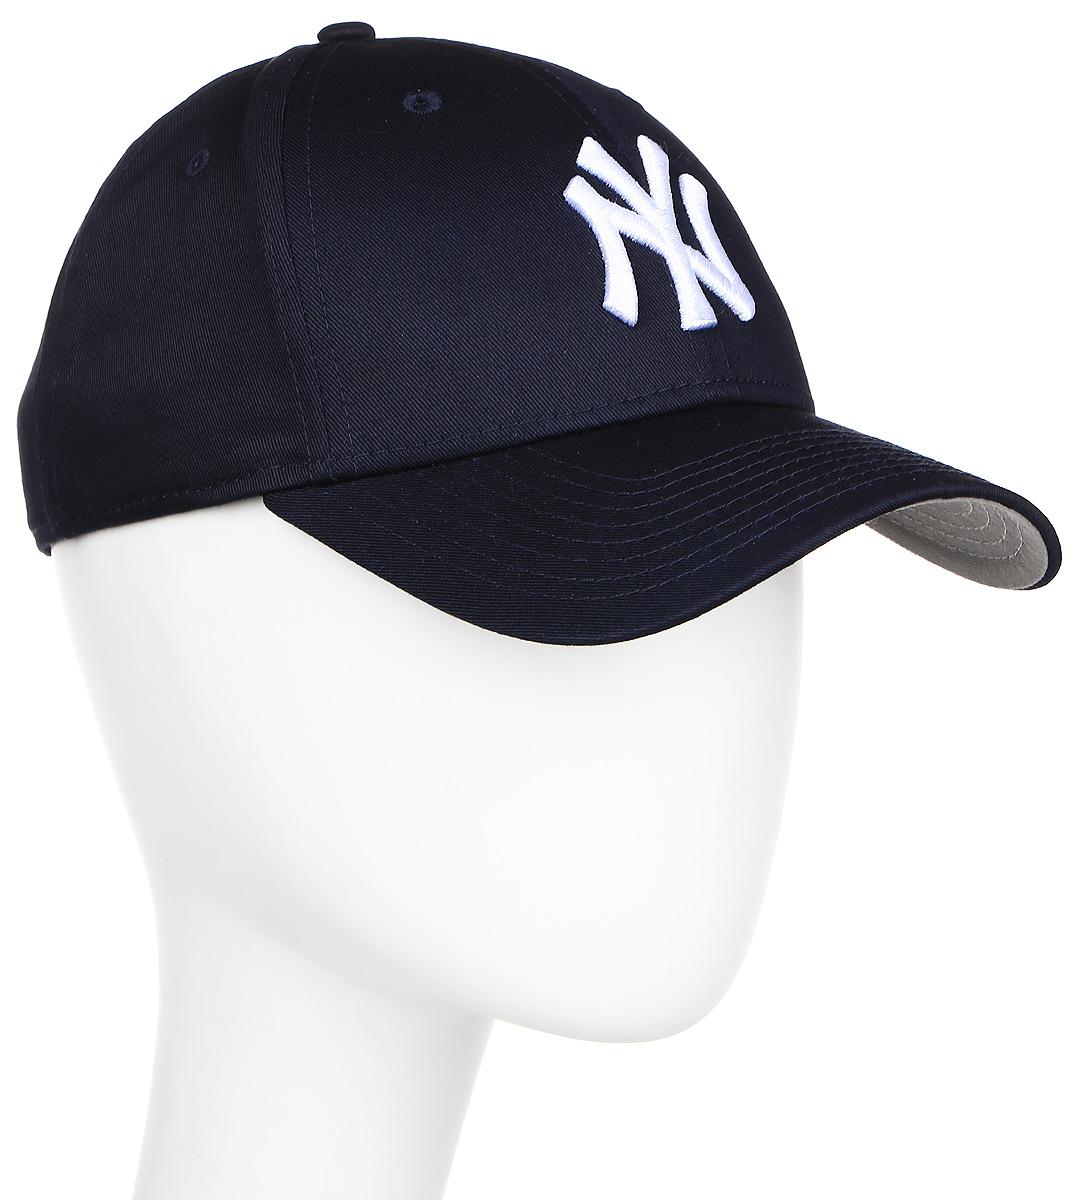 Бейсболка New Era Entry Flawless Basic 9forty, цвет: синий. 11210281. Размер универсальный11210281-NVYРегулируемая бейсболка модели 9Forty c логотипом команды MLB New York Yankees и логотипом New Era. Качественный материал, обладающий высокими вентиляционными свойствами, обеспечивает отличную воздухопроницаемость и легкость.